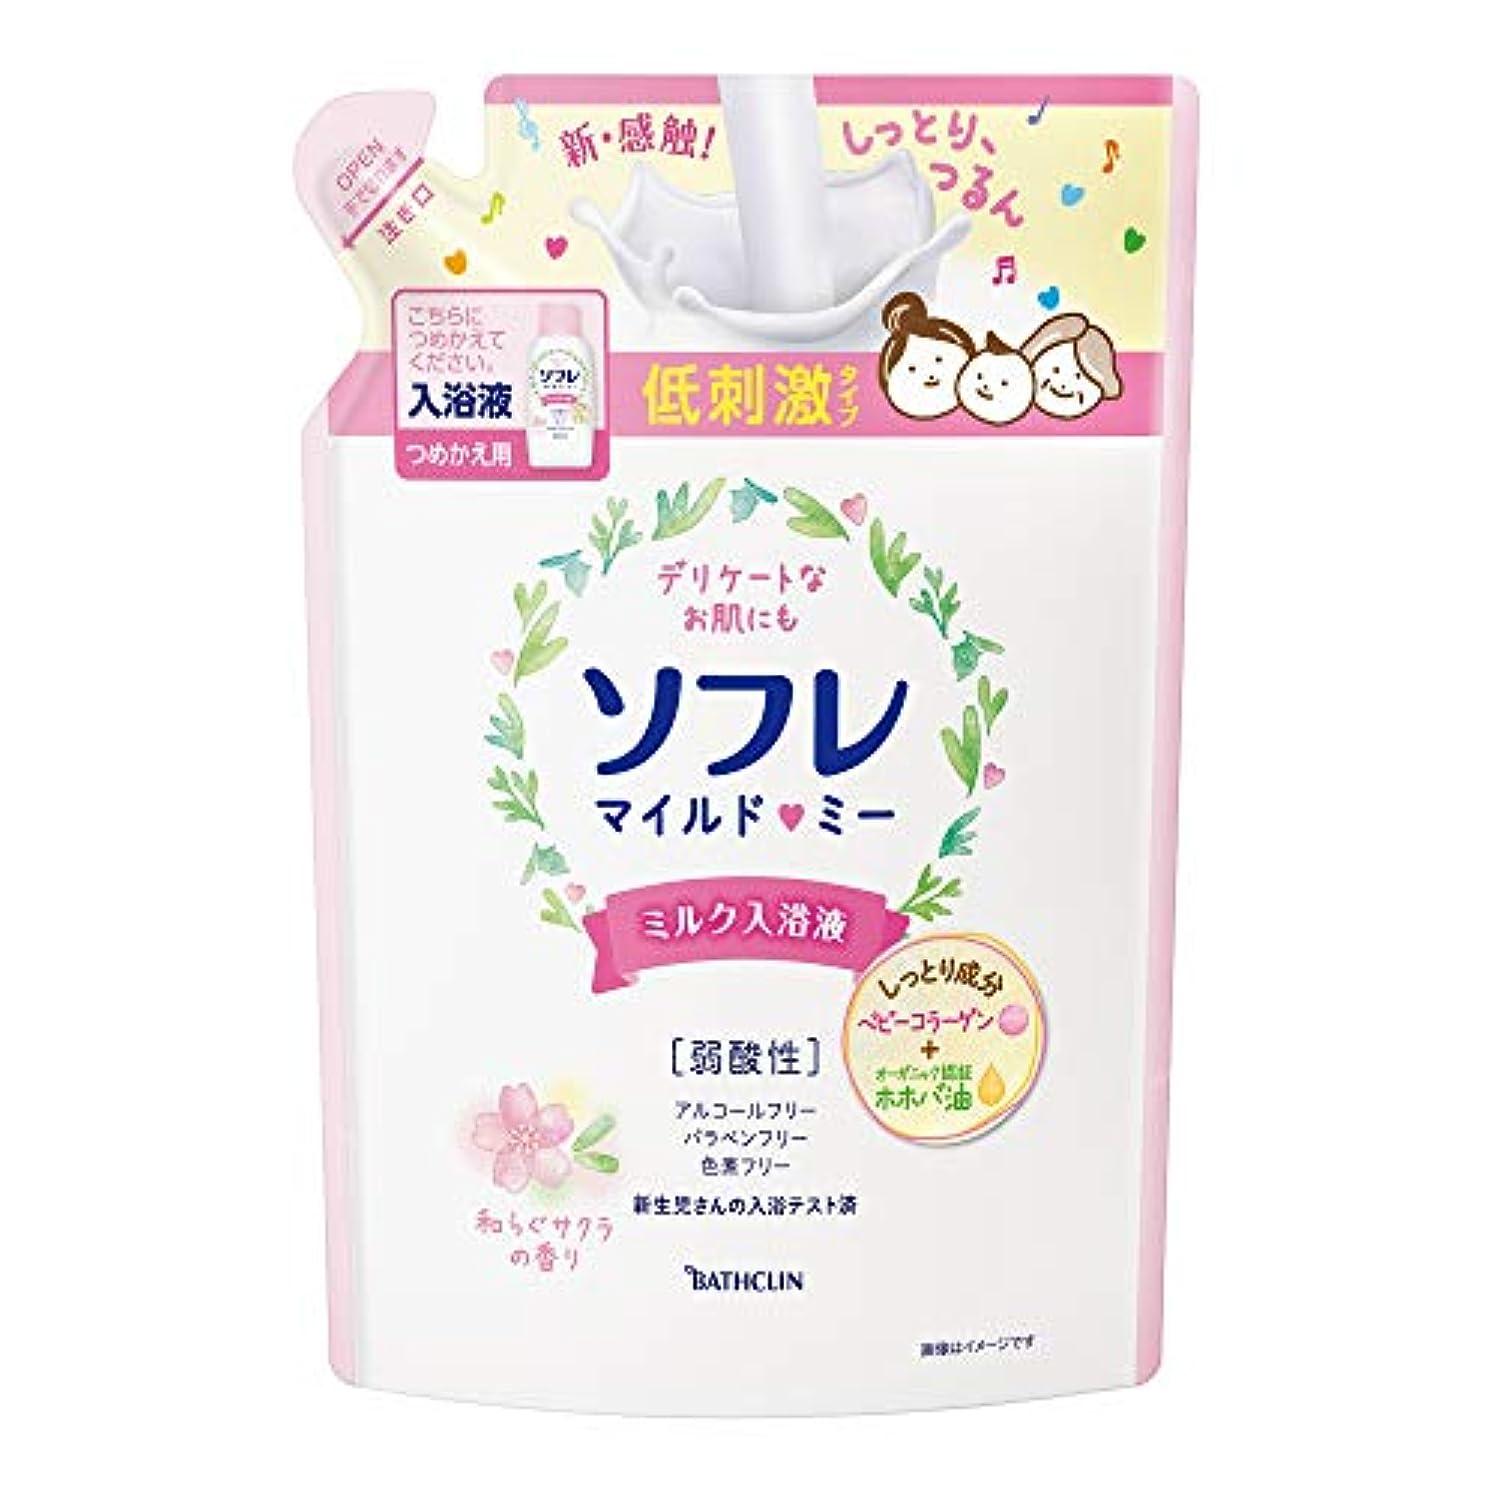 スリップシューズ胚洞察力のあるバスクリン ソフレ入浴液 マイルド?ミー ミルク 和らぐサクラの香り つめかえ用 600mL保湿 成分配合 赤ちゃんと一緒に使えます。